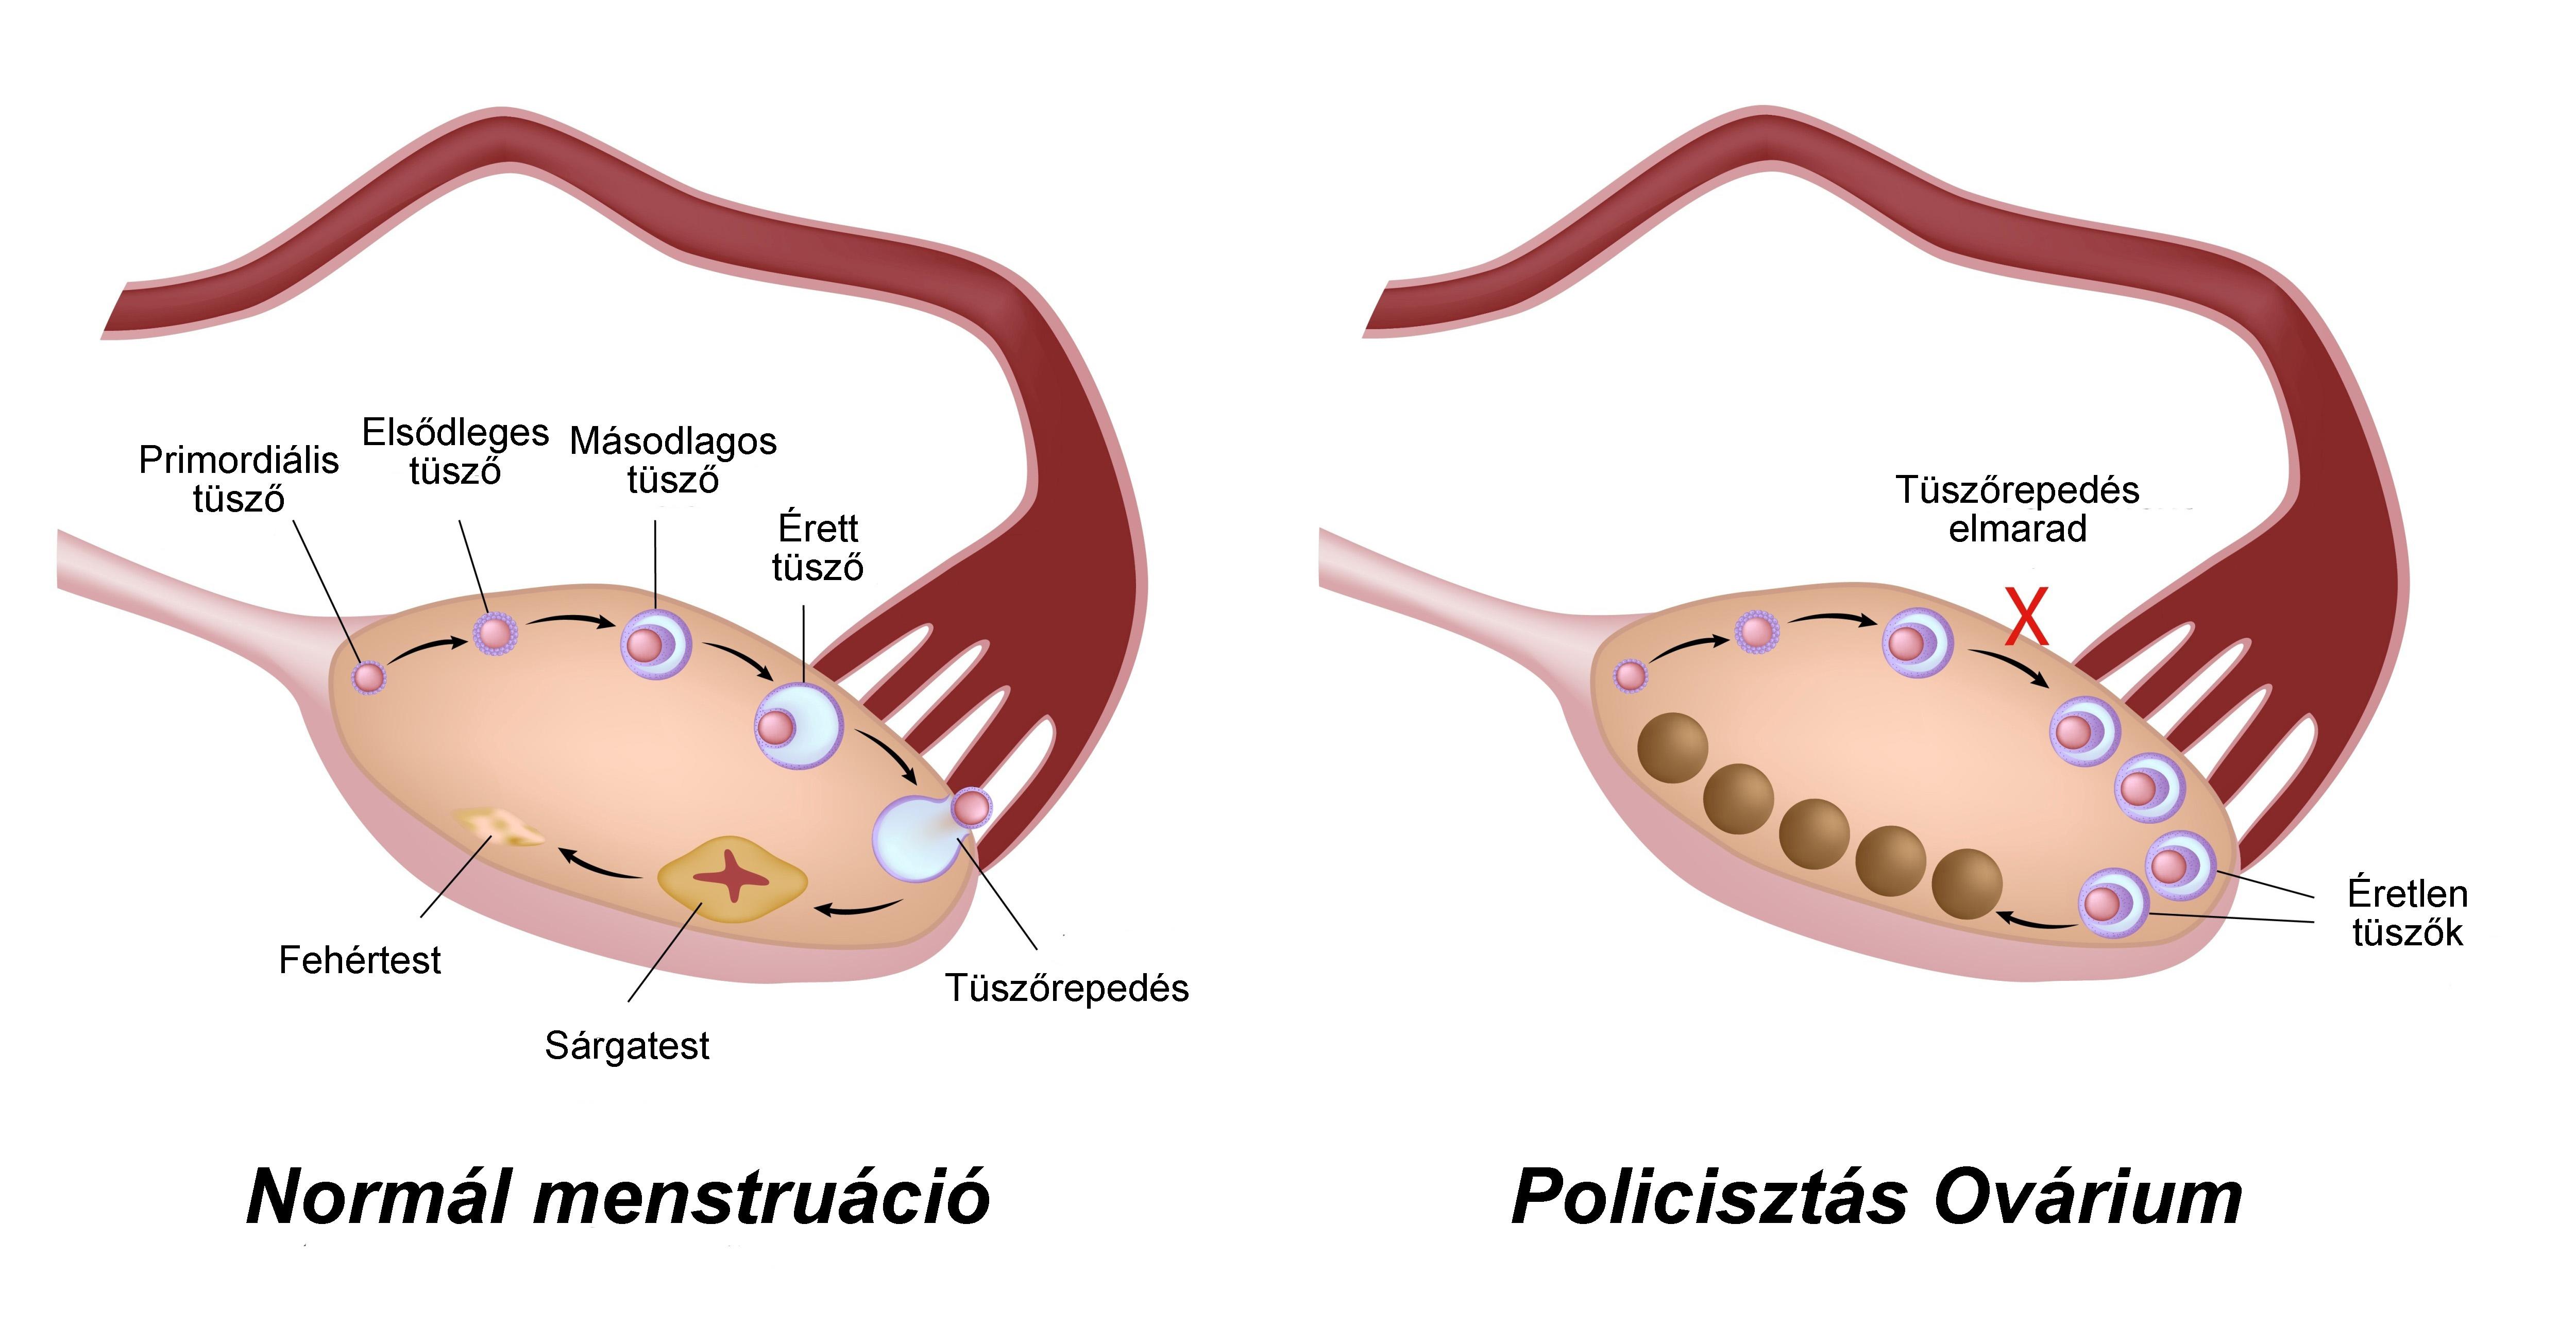 feltételezett petefészekgyulladás